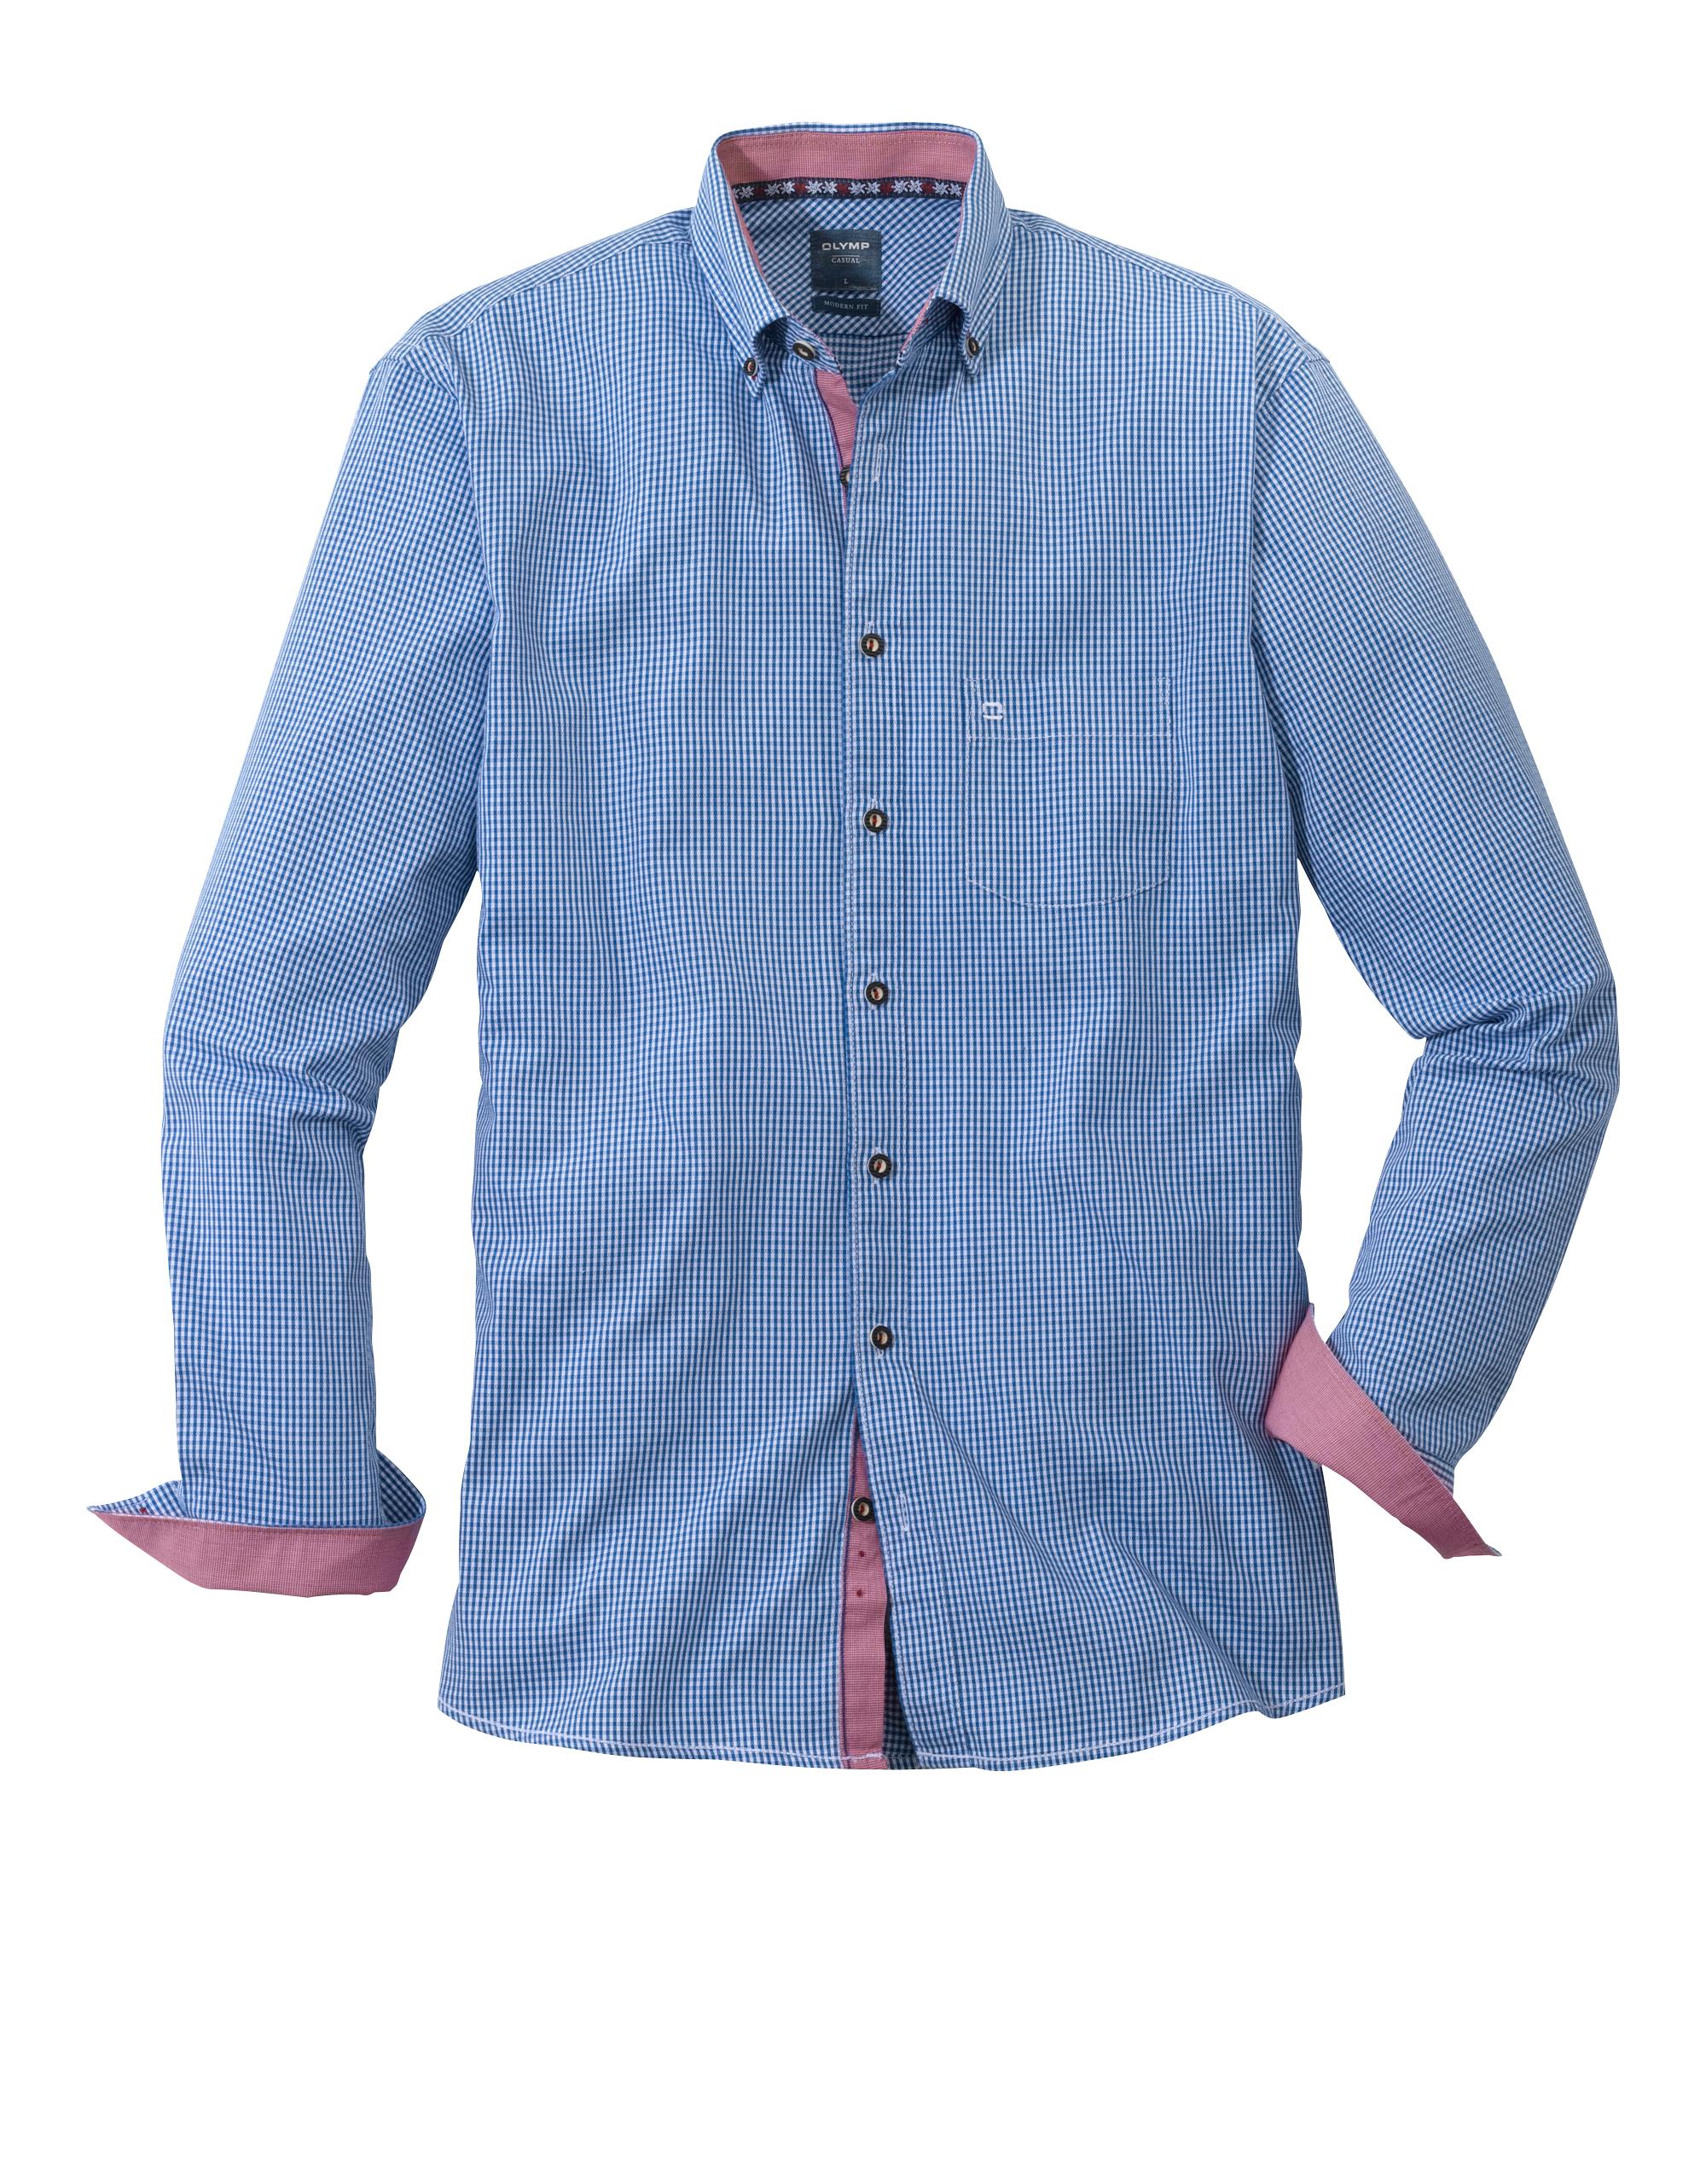 OLYMP Trachtenhemd, modern fit, Button-down, Marine, M   Bekleidung > Hemden > Trachtenhemden   Marine   100% baumwolle   OLYMP Trachtenhemd